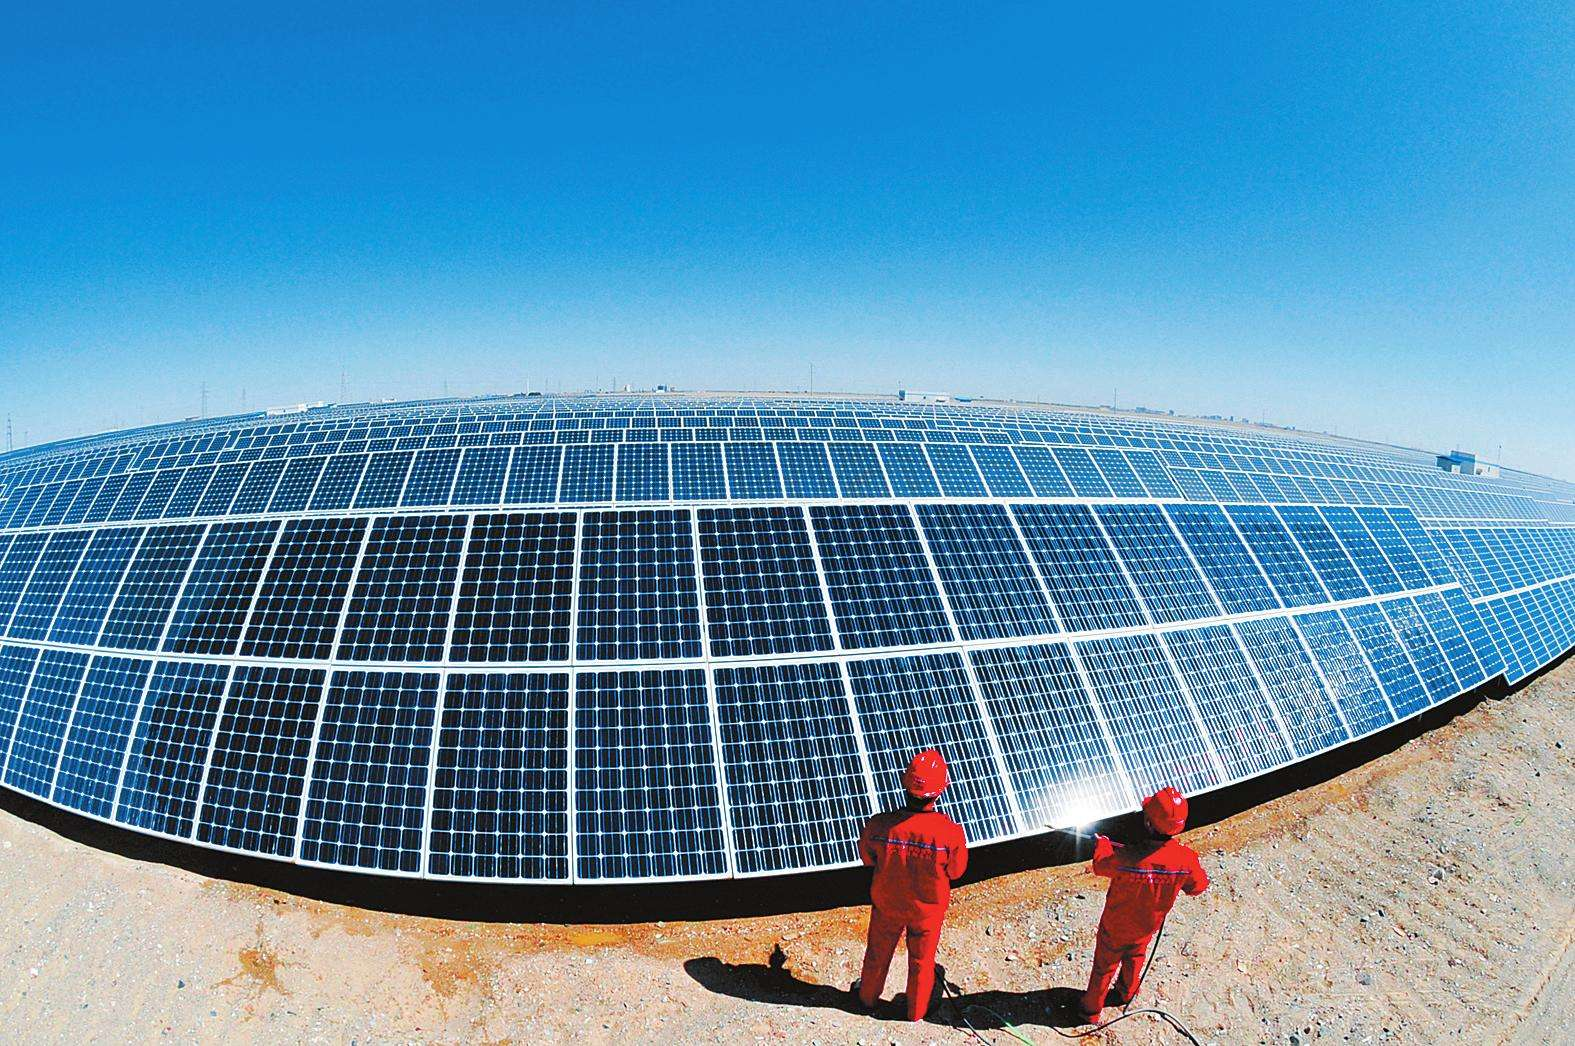 中国太阳能产业_国家能源局局长:青海要科学有序开发水电、太阳能资源_第一财经